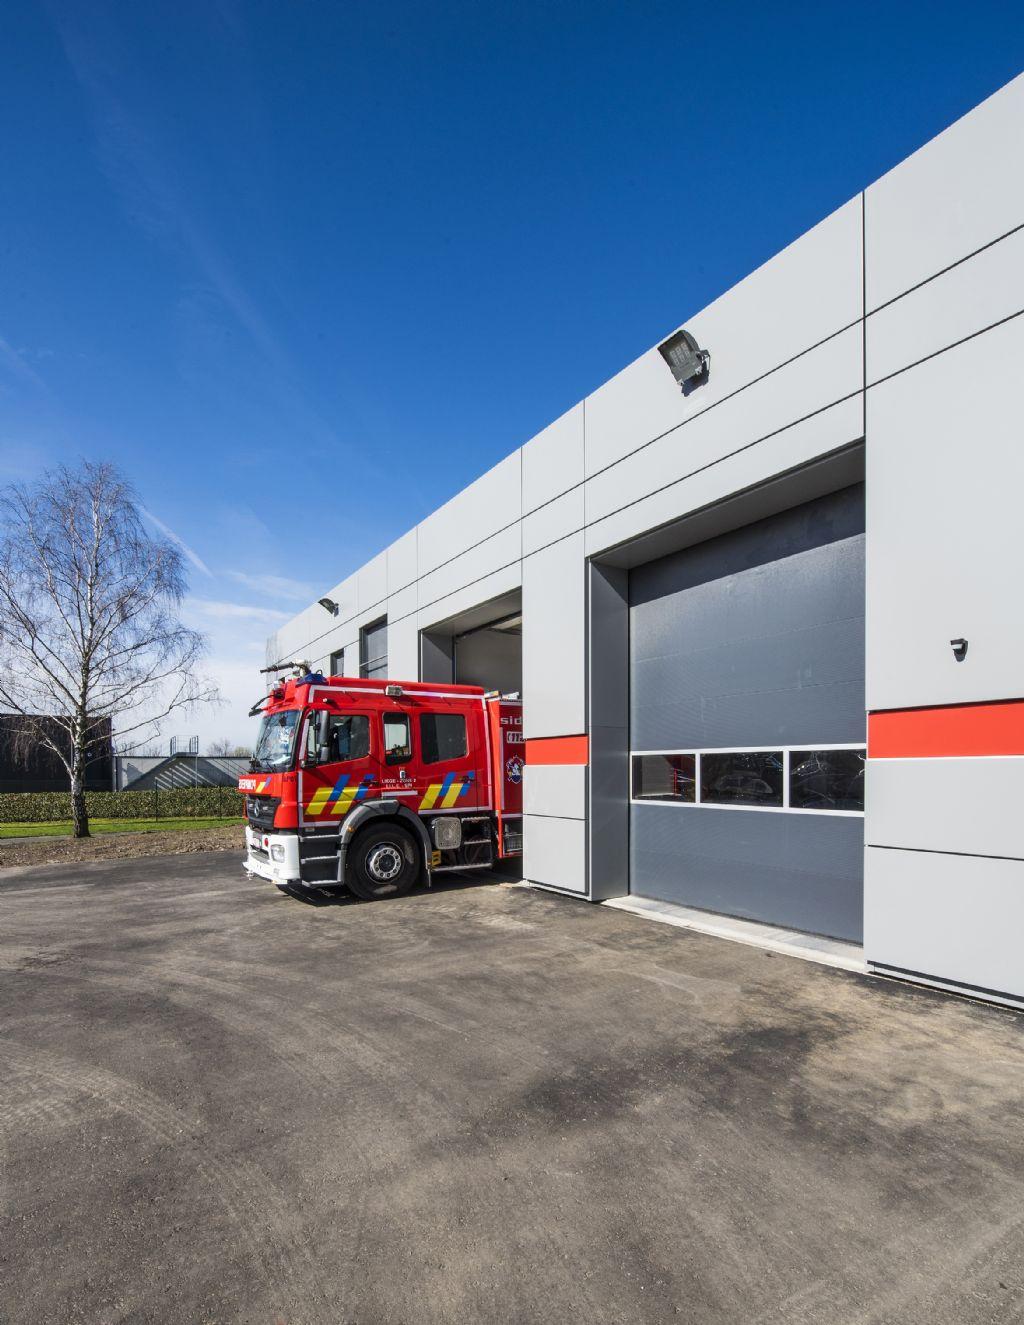 In elk gebouw is een rode band verwerkt die verwijst naar de brandweer.